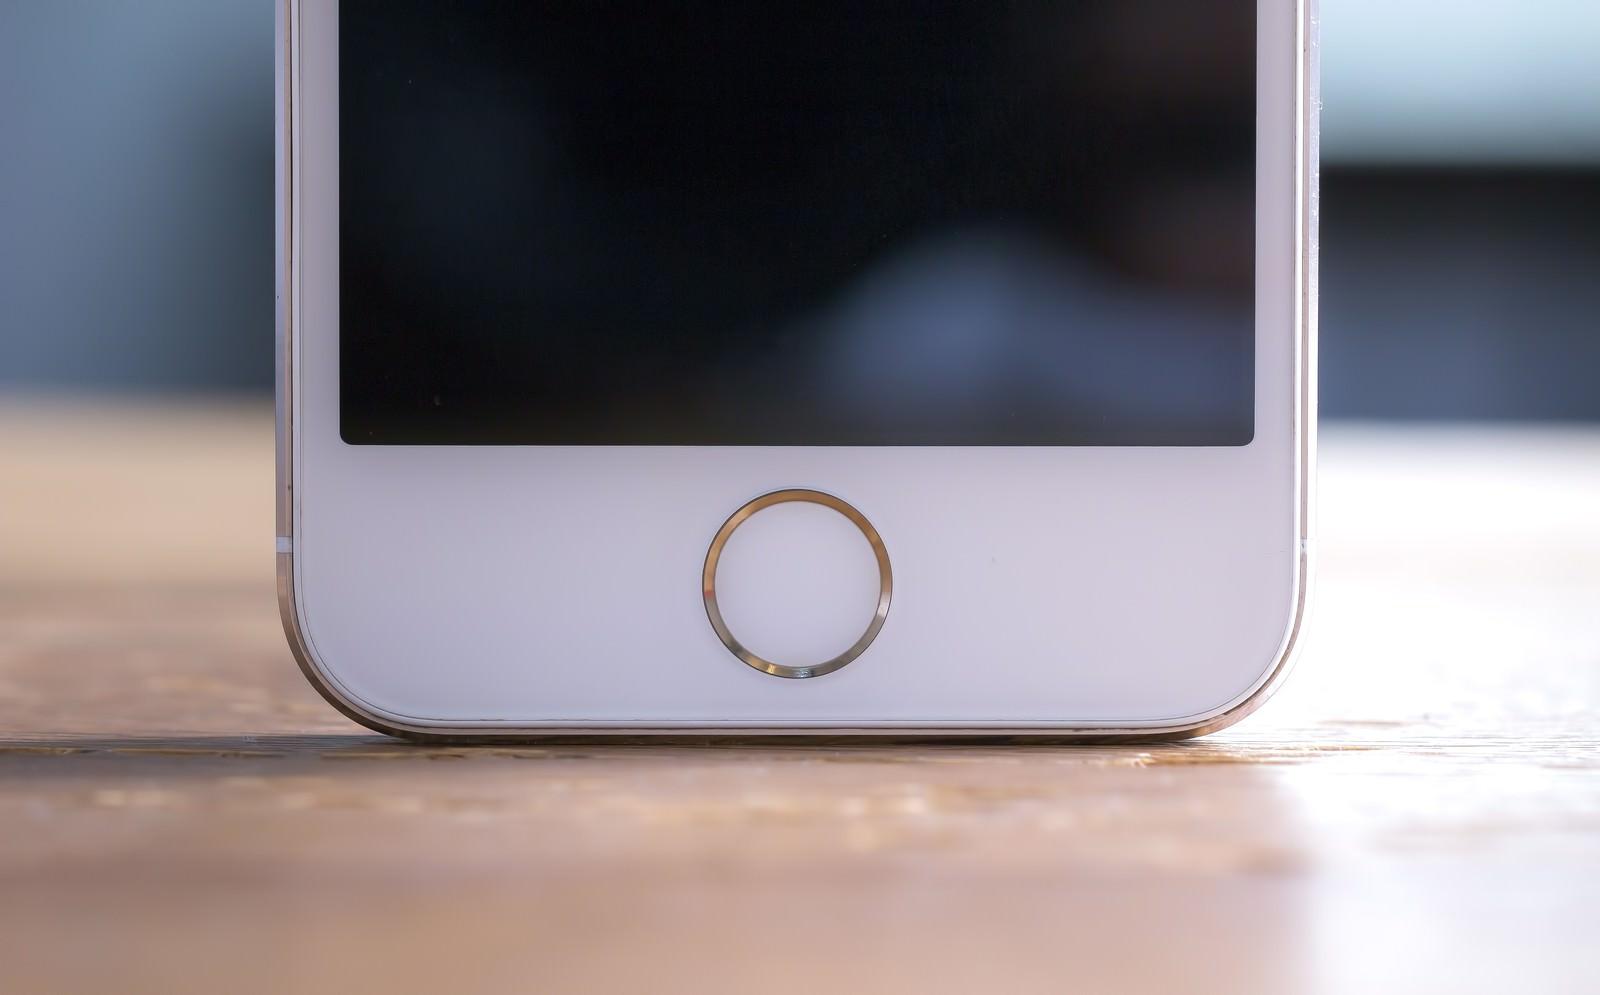 「スマートフォンのホームボタン」